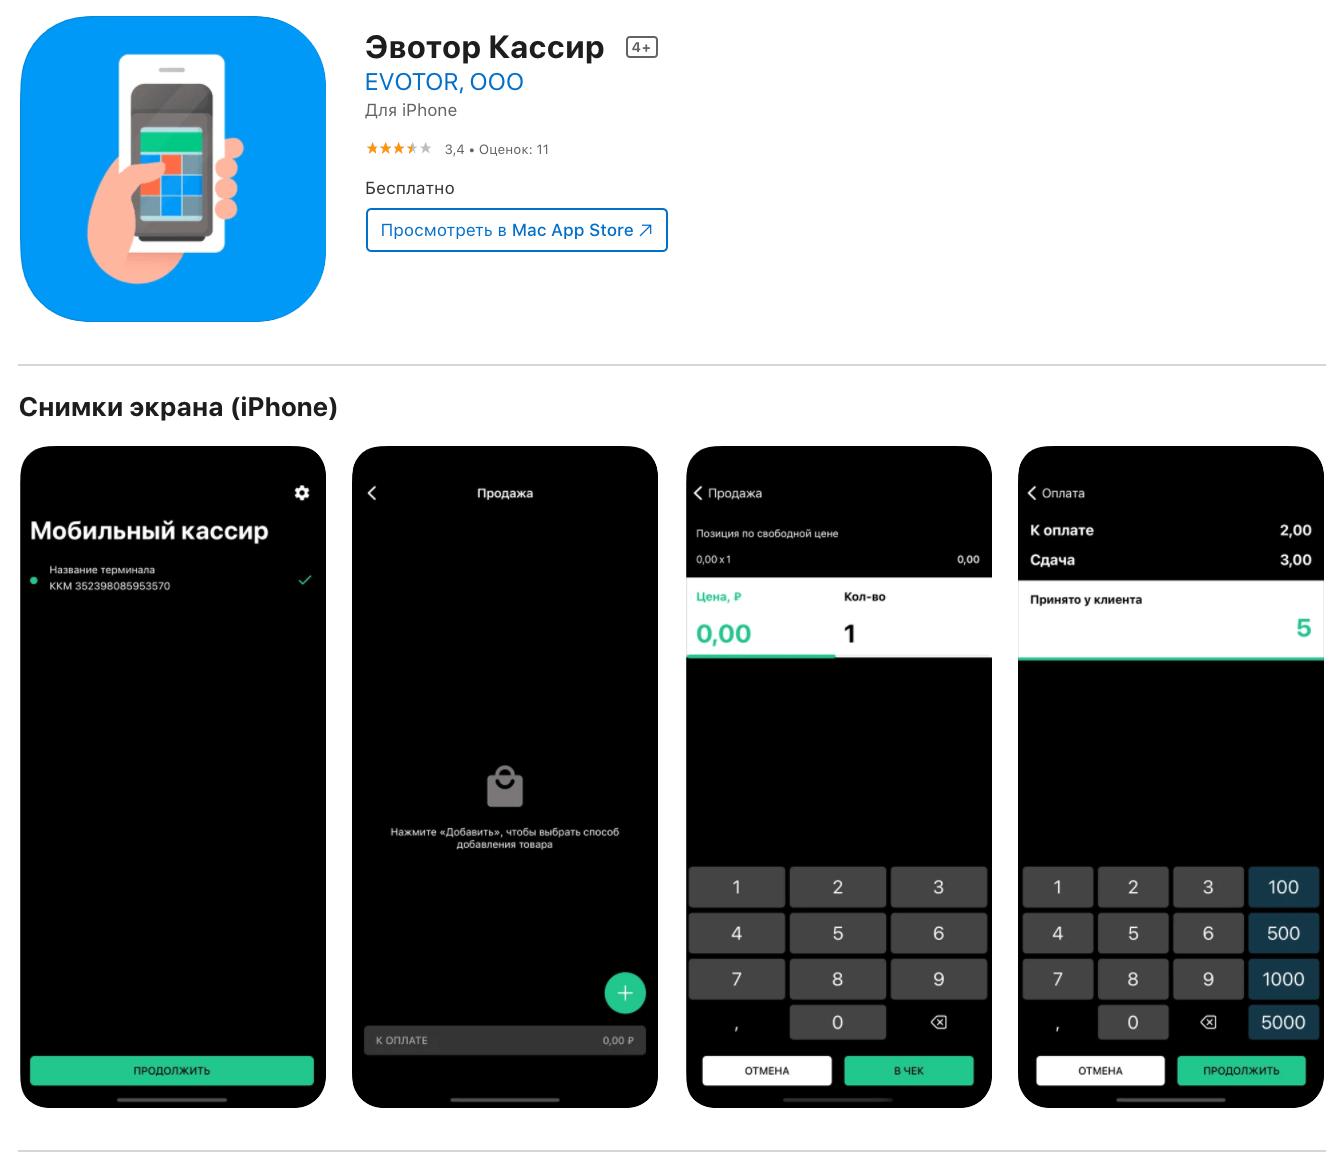 evotor-mobile app